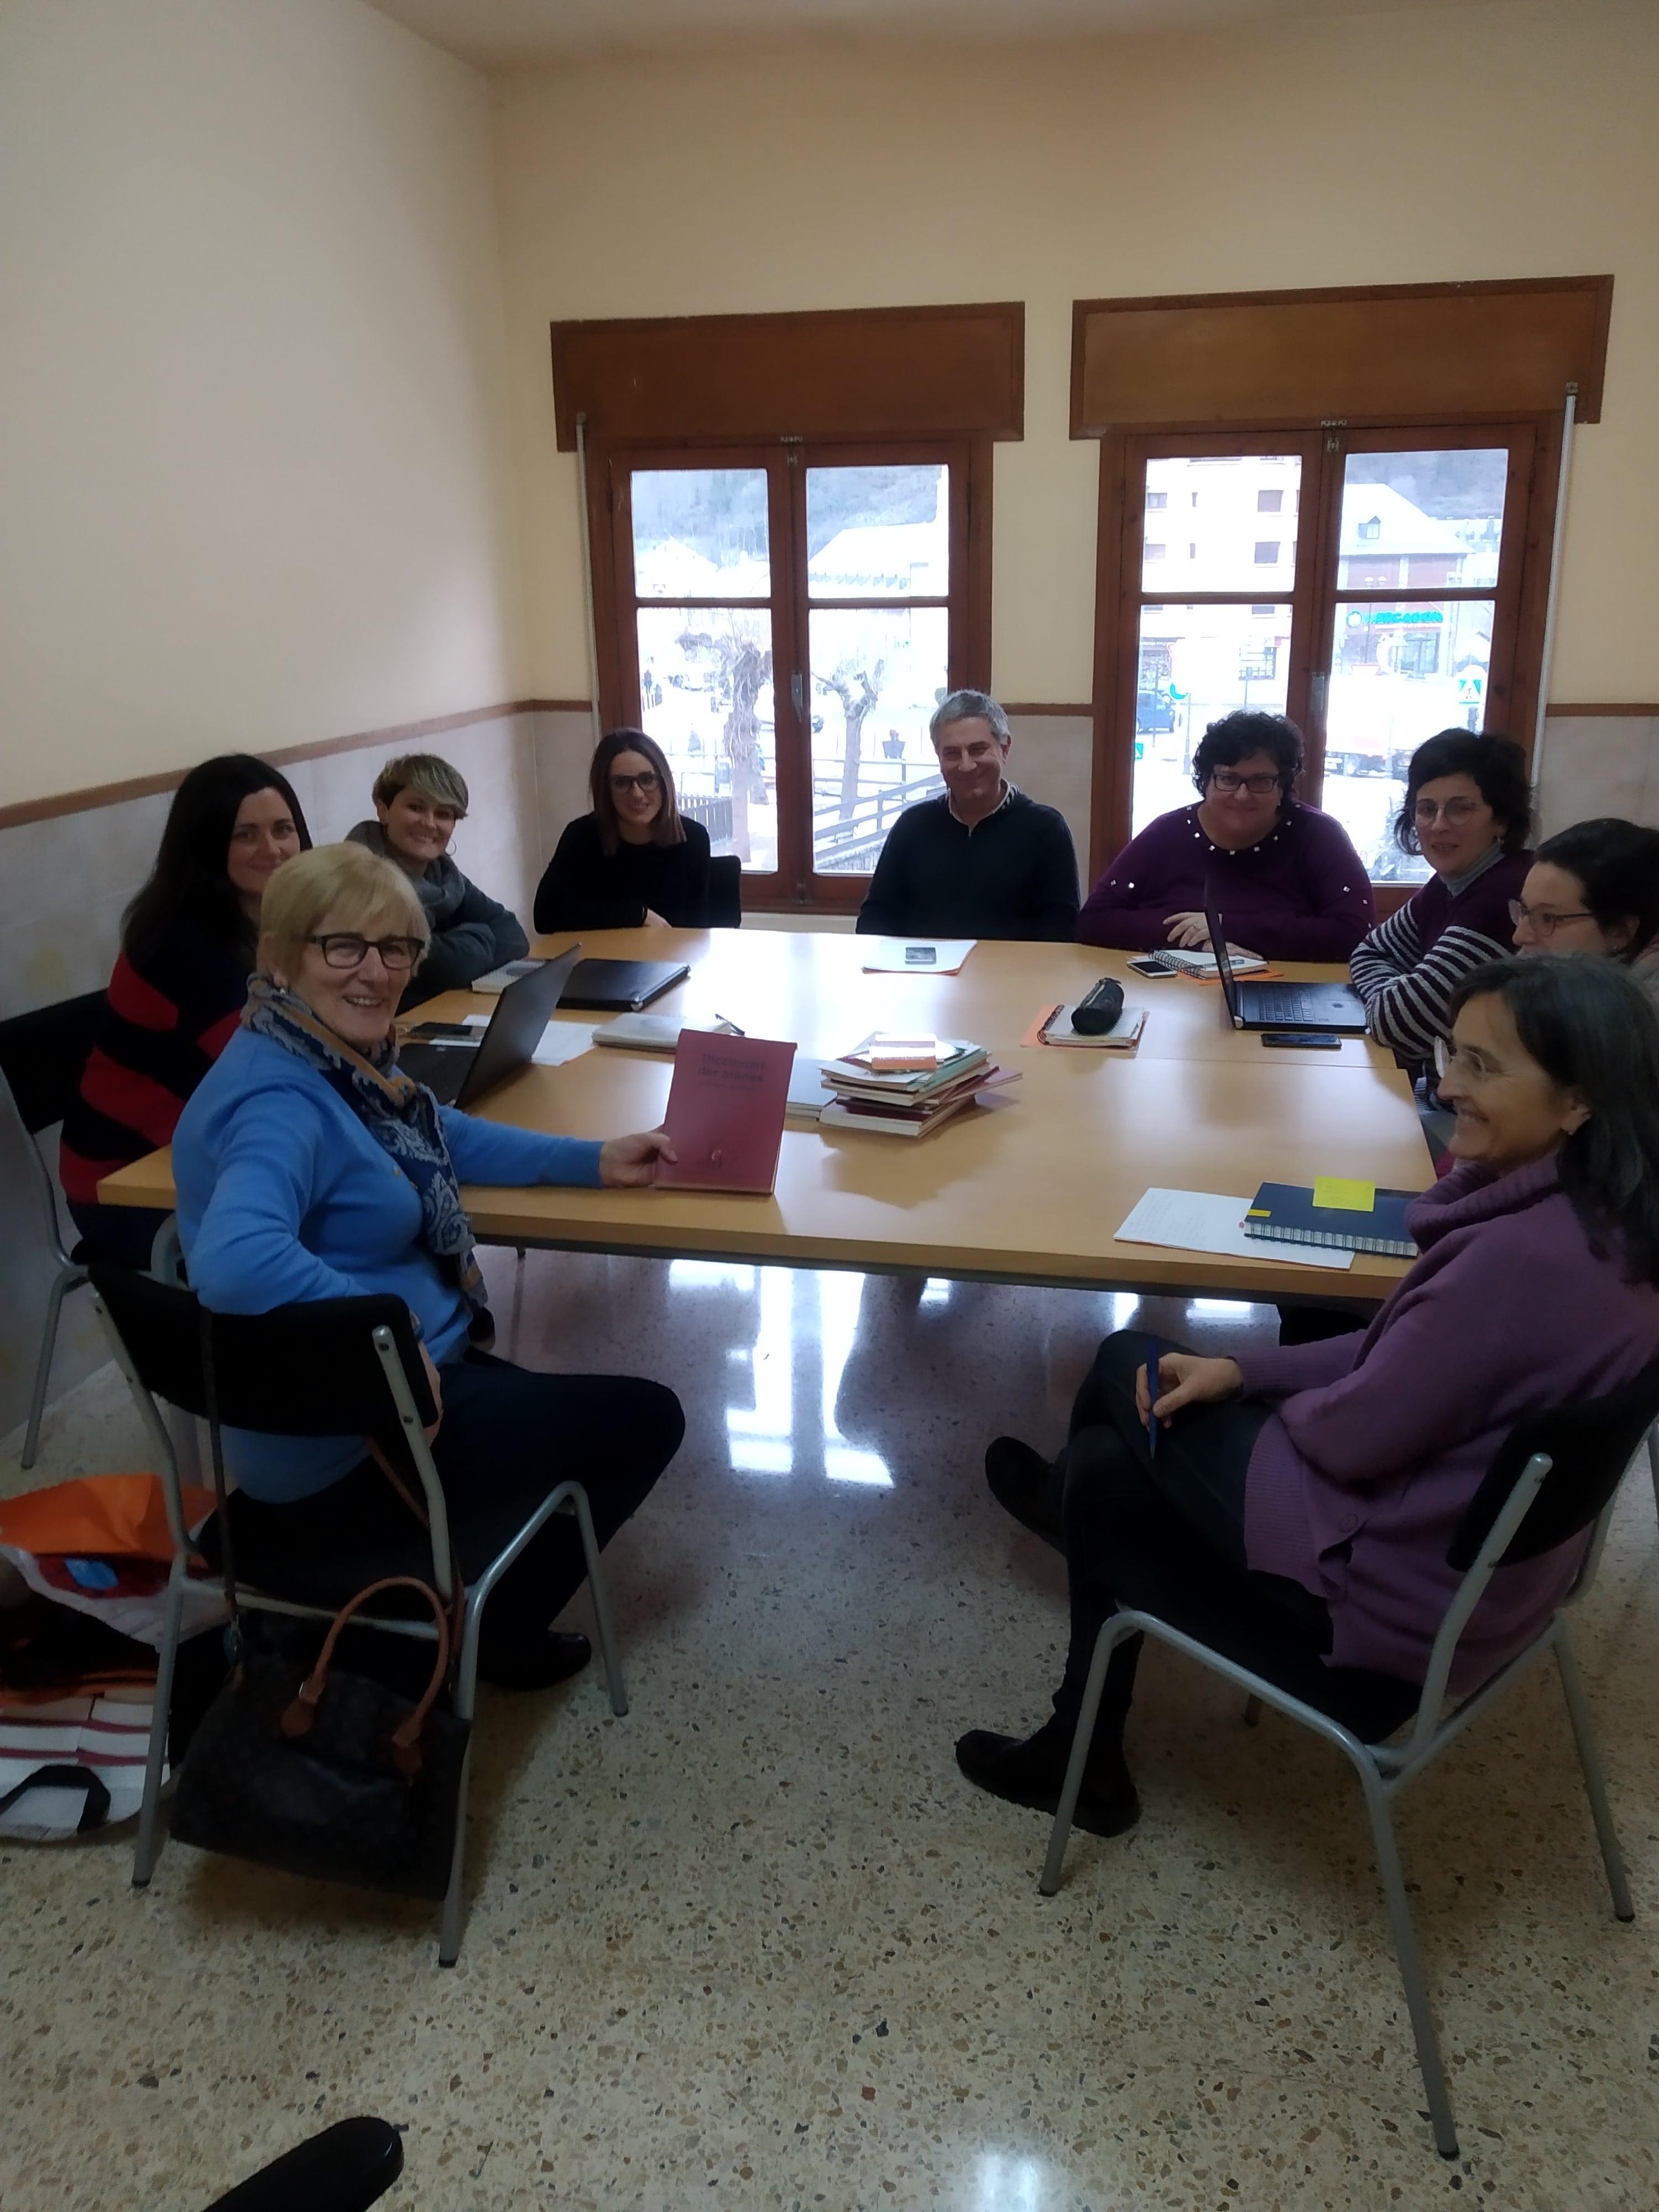 PRESENTACION DETH DICCIONARI AS SERVICIS EDUCATIUS DERA VAL D'ARAN